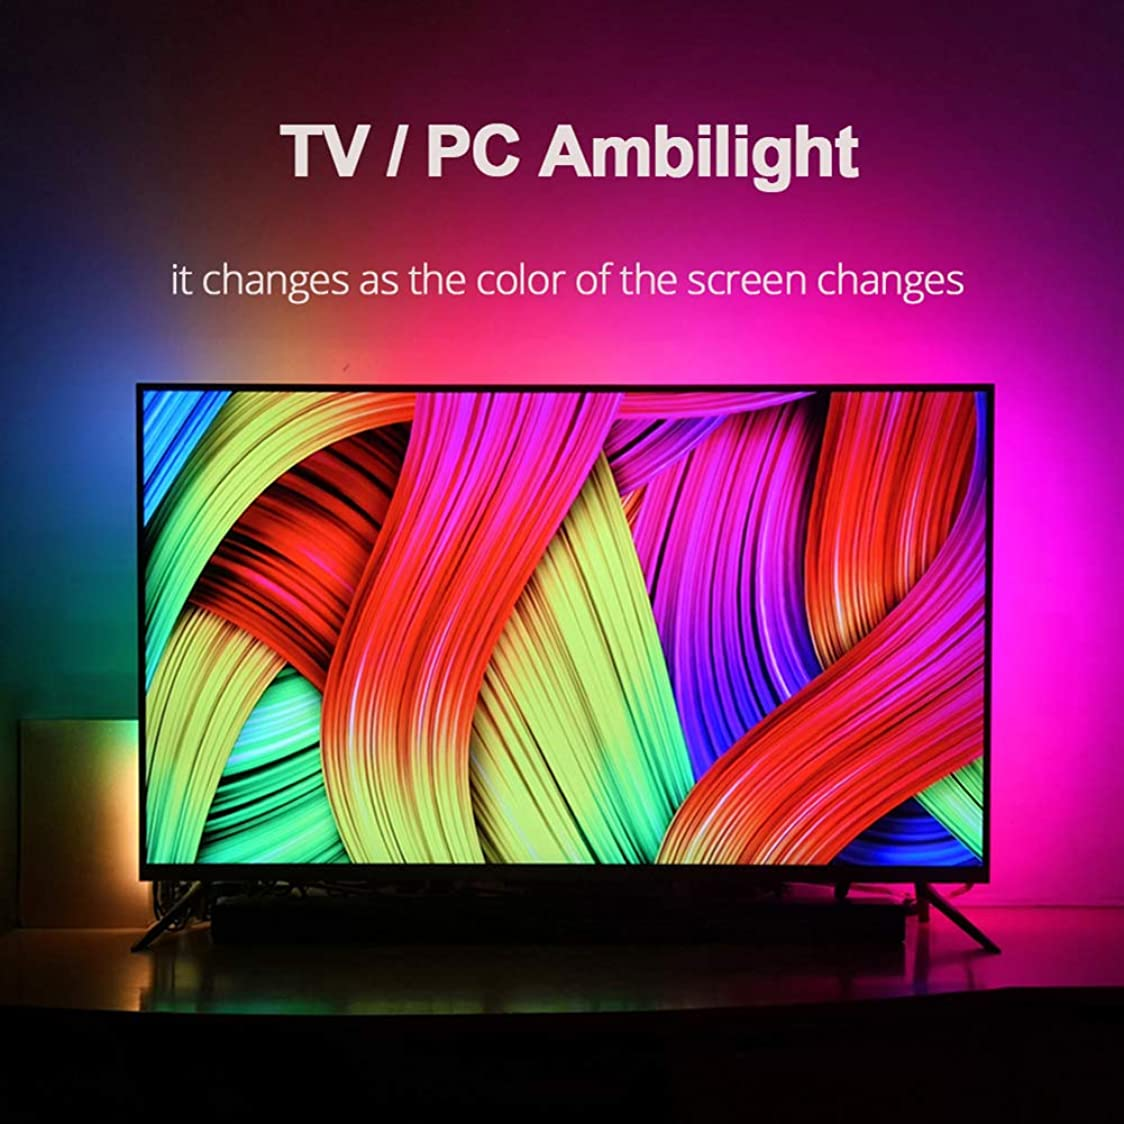 騒々しい簡単なすり減るLEDストリップライト、TVバックライト、DIY Ambilight TV PCドリームスクリーン、アドレス指定可能なLedストリップランプ、Bluetooth音楽TVバックライト1/2/3/4 /,4m